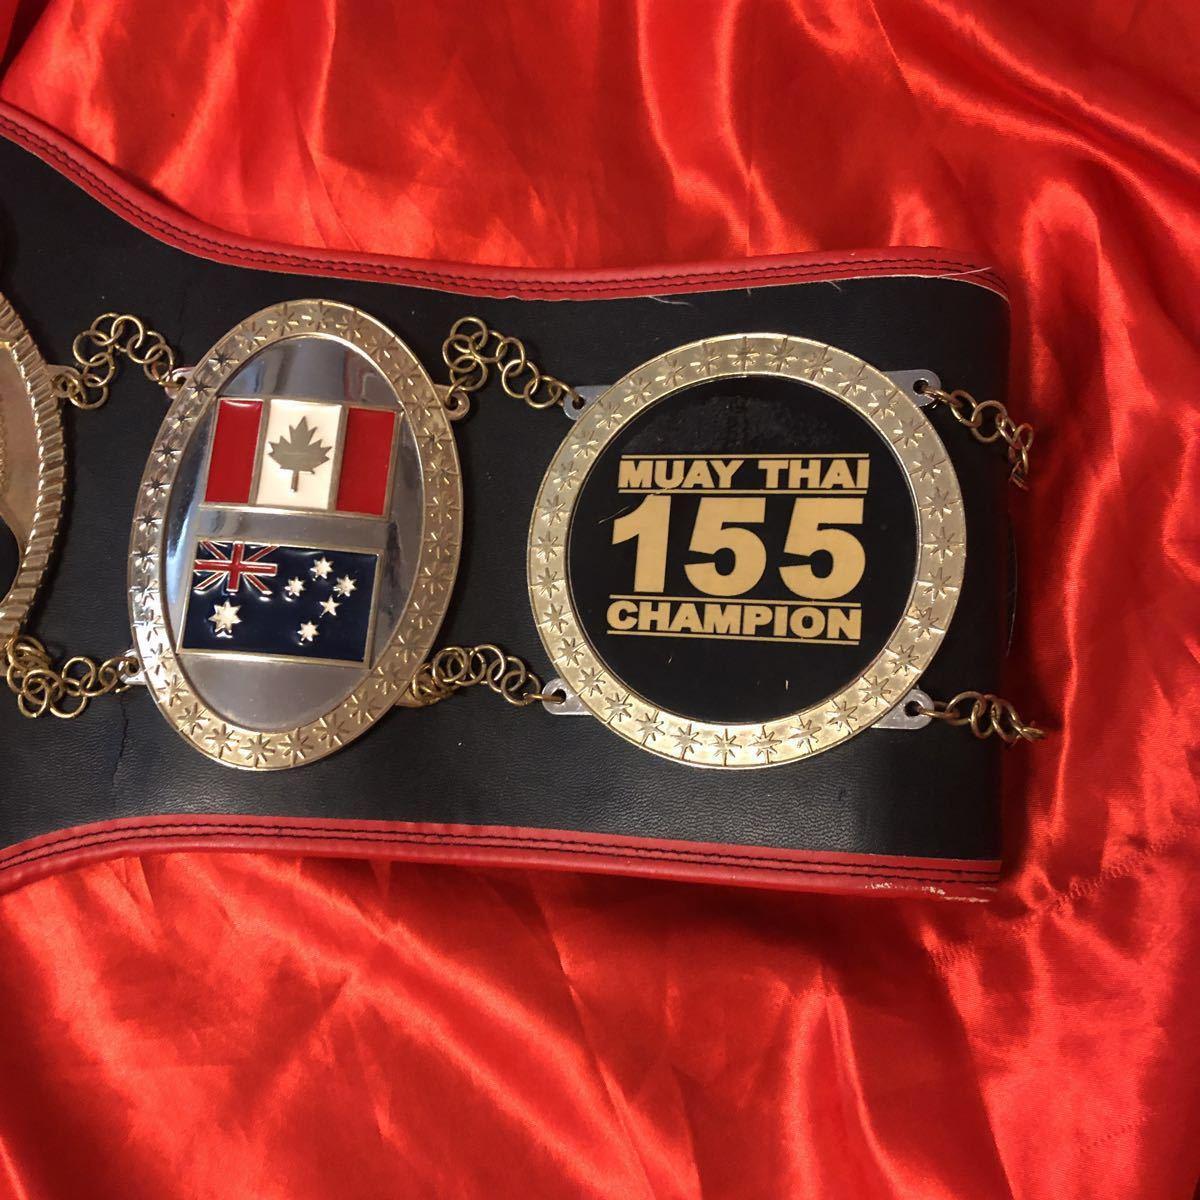 本物 貴重 実使用 70kg級 ムエタイ チャンピオンベルト 格闘技 空手 ボクシング EWC レア キック ボクシング ダイエット 金運 筋トレ UFC_画像2